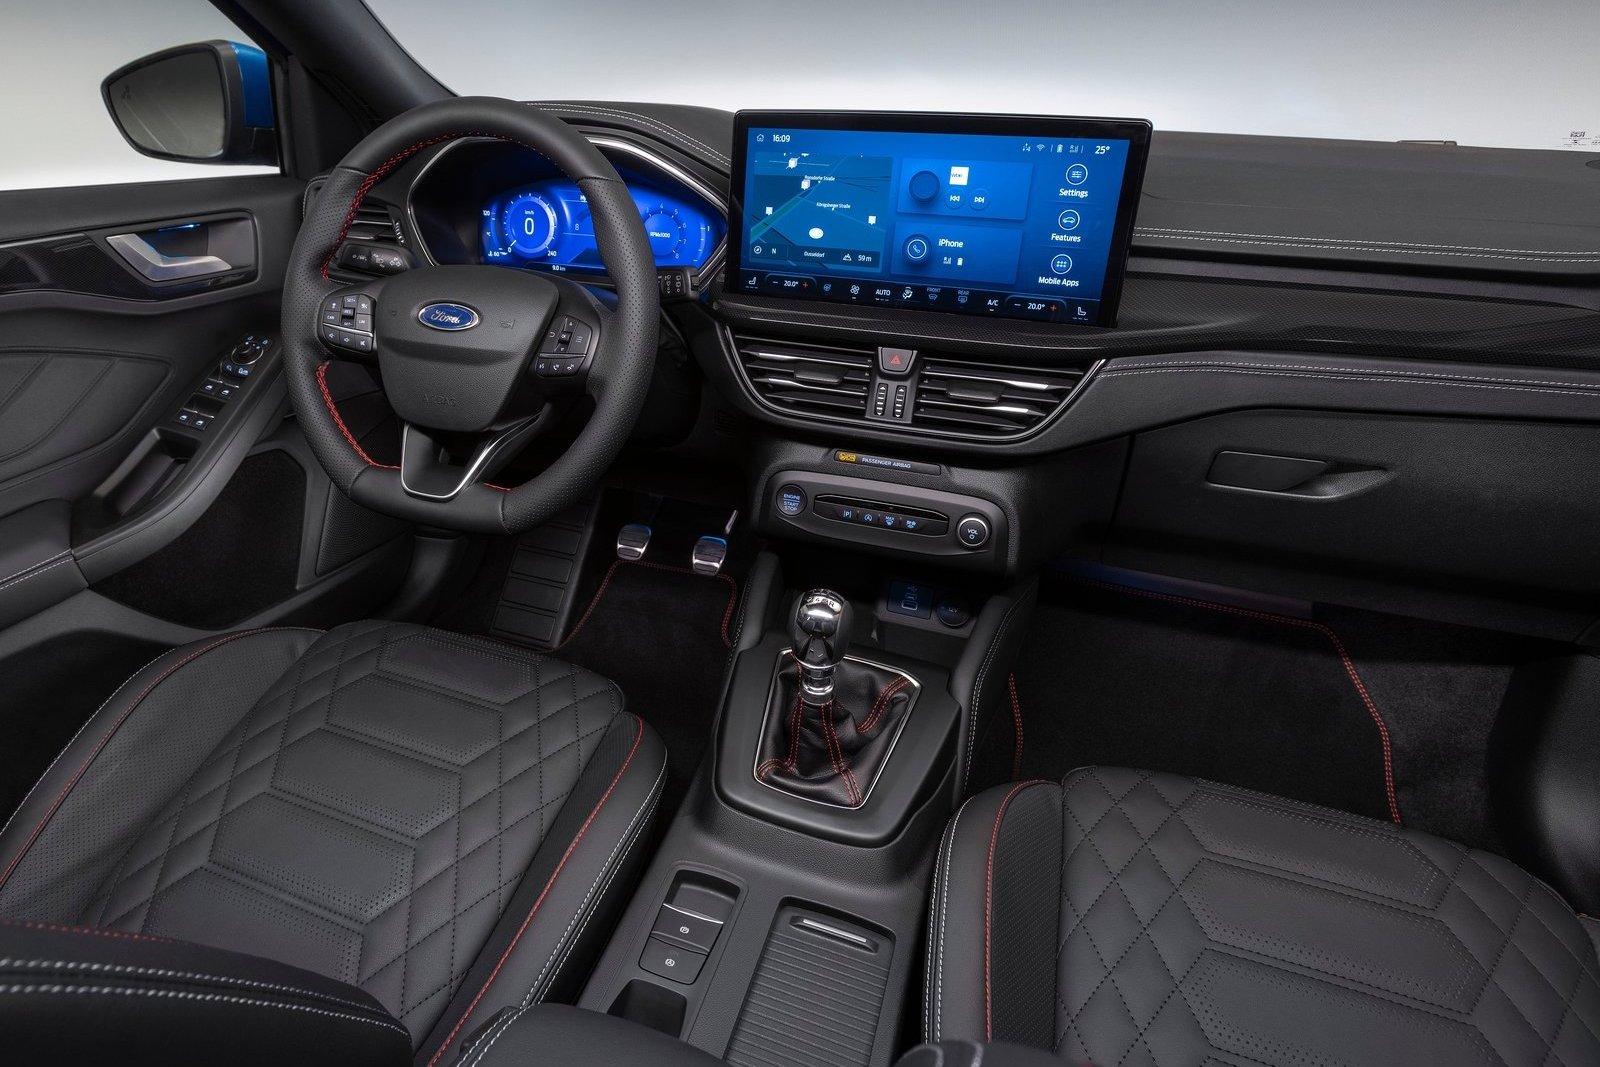 Ford-Focus-2022-1600-06.jpg